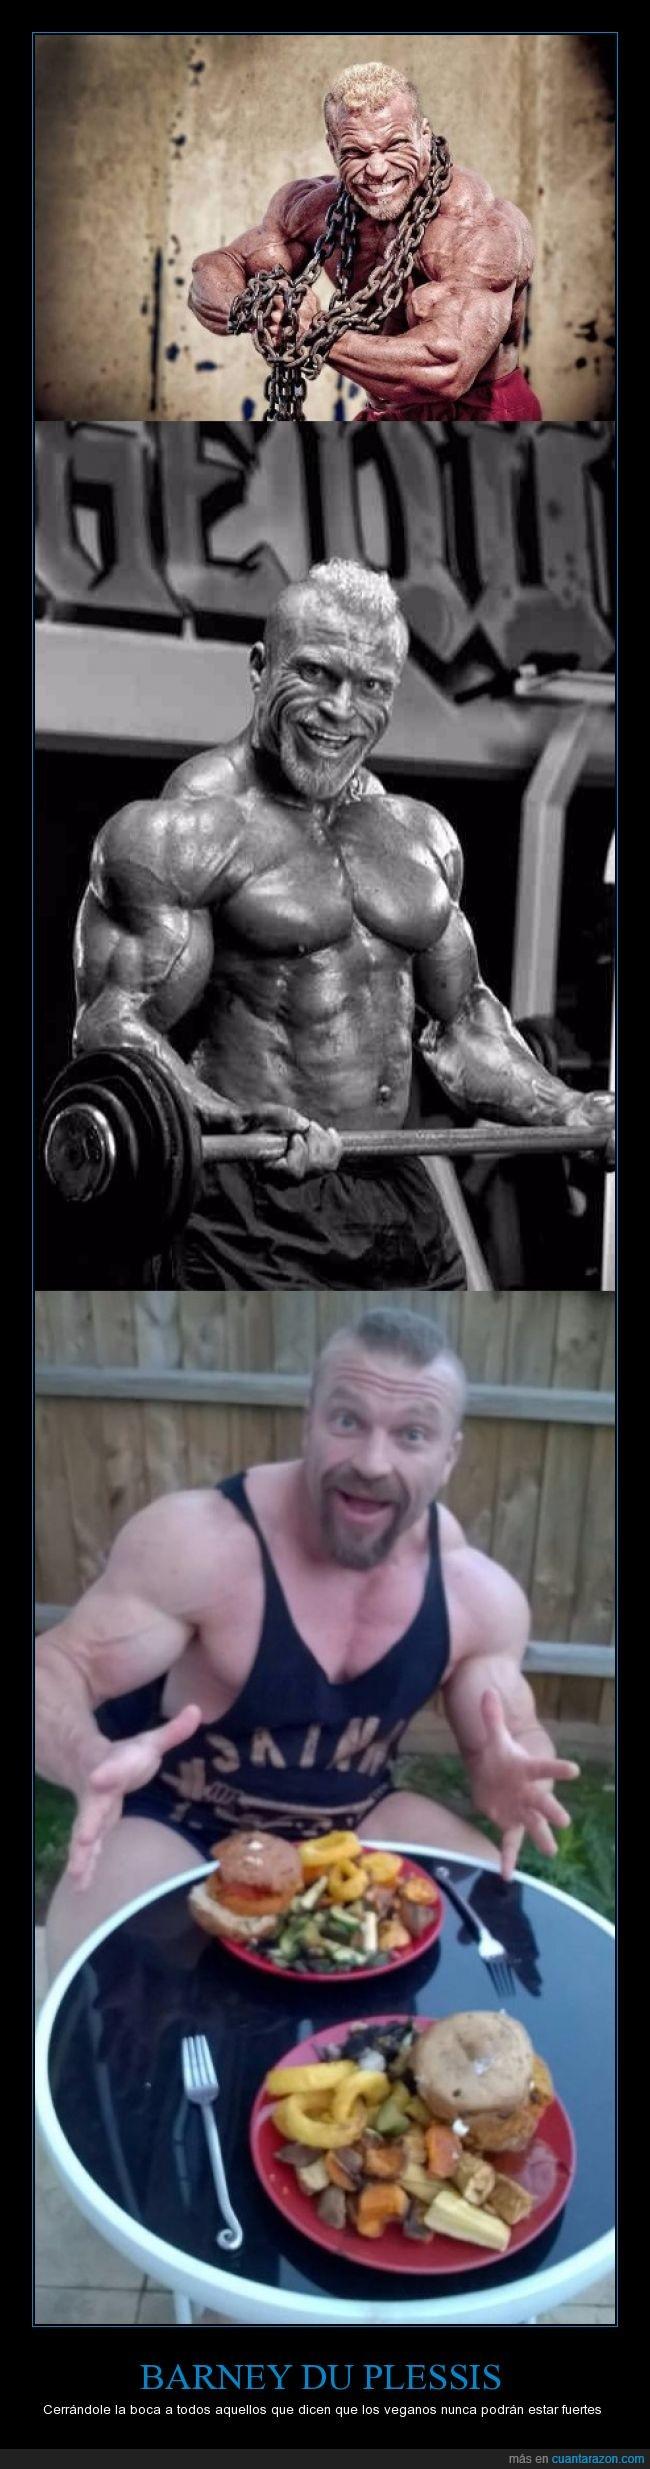 alimentación,Barney Du Plessis,bodybuilder,comida,culturista,fuerte,salud,vegano